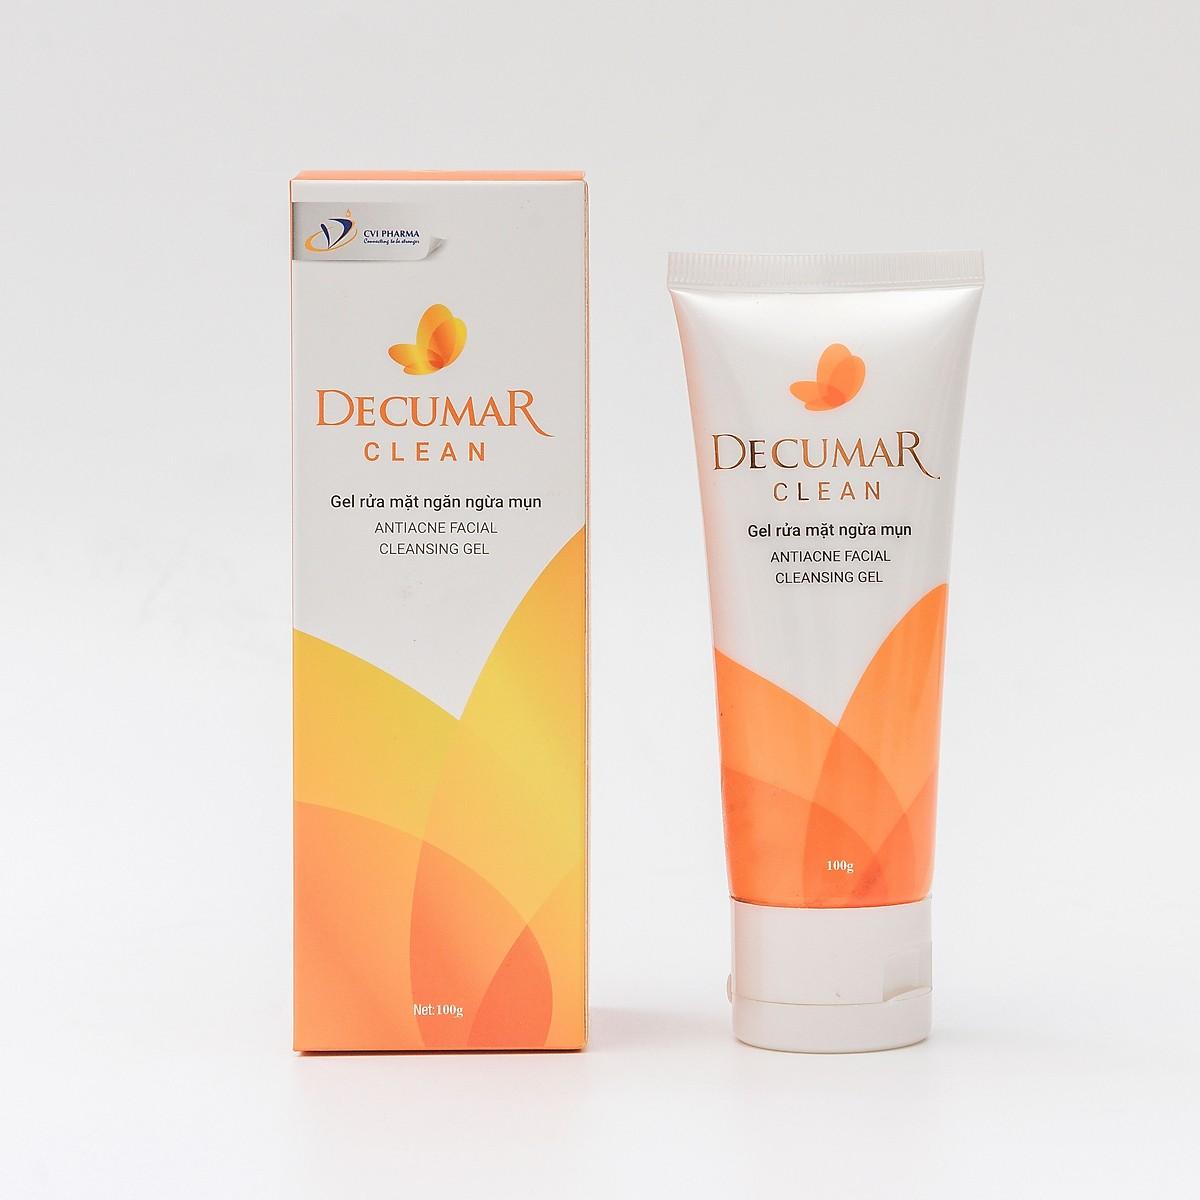 Bộ Chăm Sóc Da Mụn 2 Sản Phẩm: Gel Rửa Mặt Ngừa Mụn Decumar Clean và Gel Nghệ Ngừa Mụn Trong Suốt Từ Nano Tetrahydrocurcumin (Nano THC)